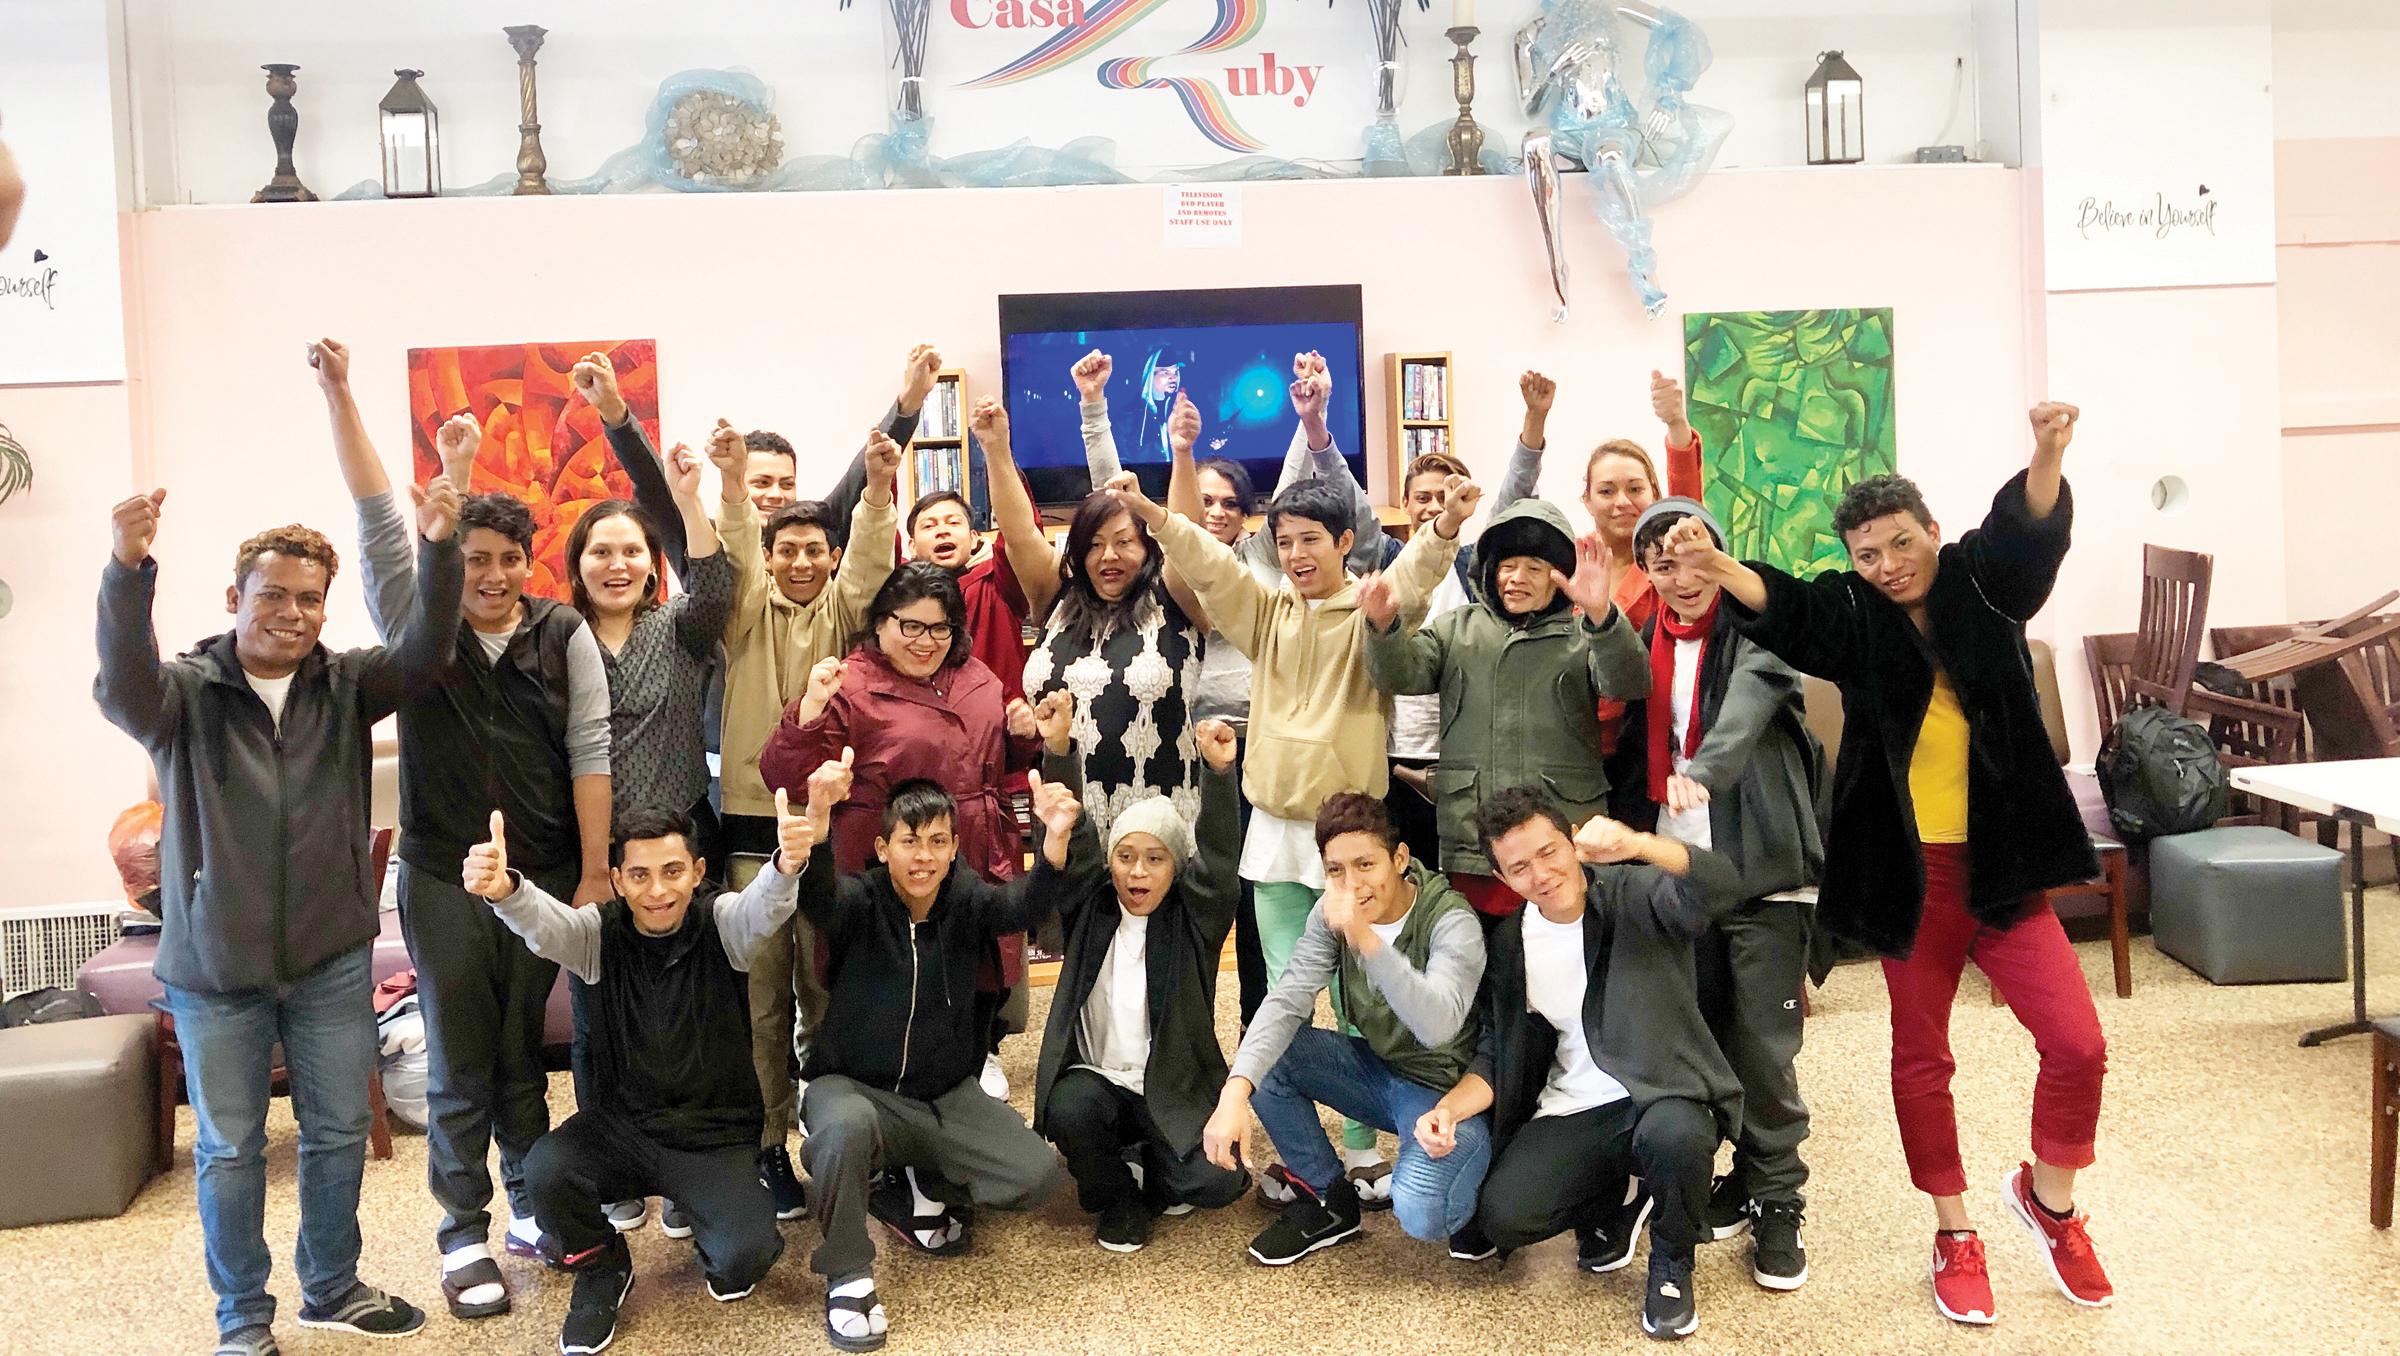 Casa Ruby trae a 15 migrantes LGBT